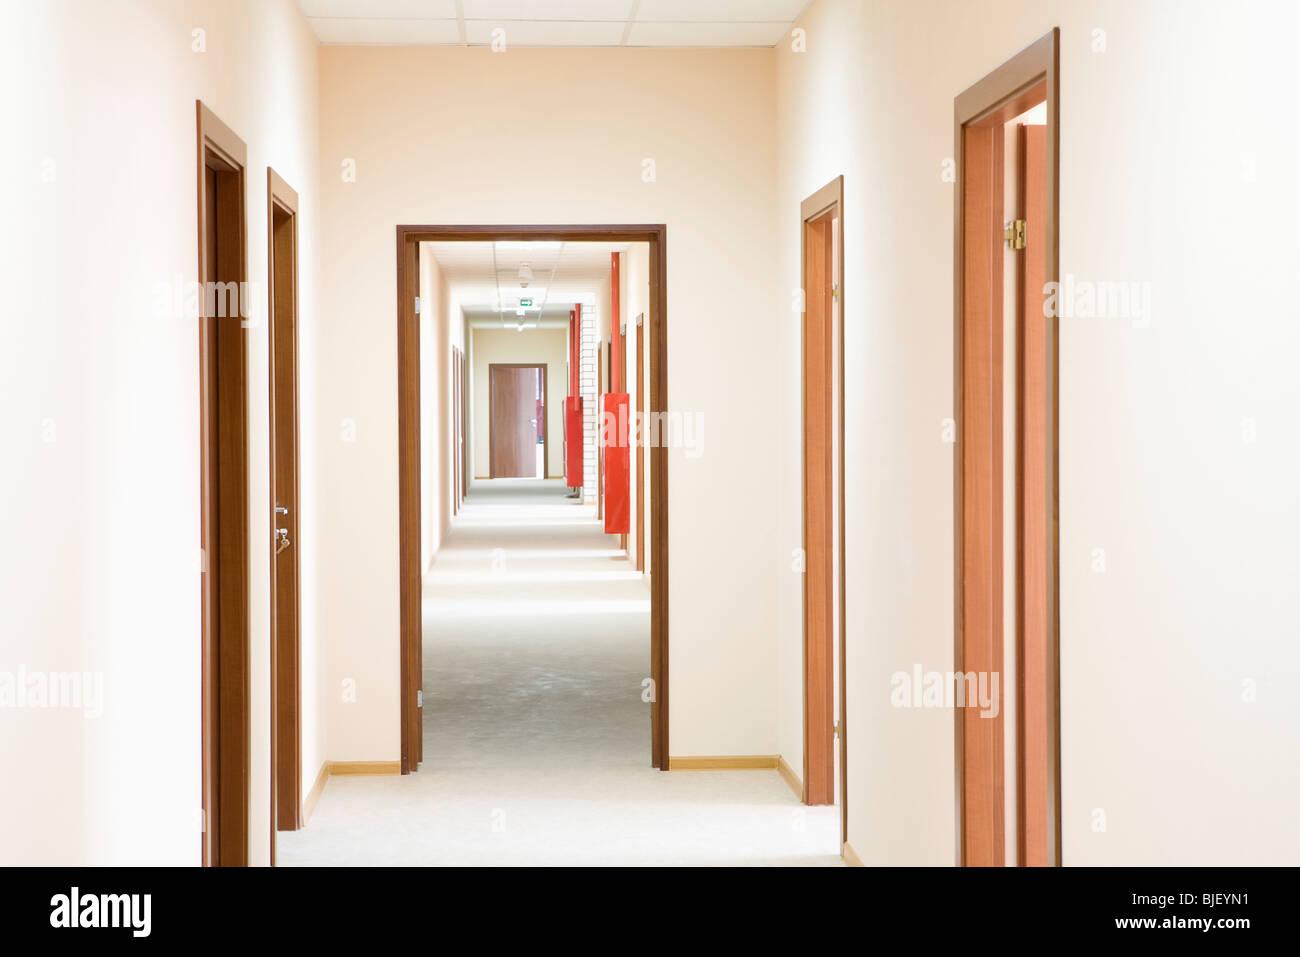 Corridor and doorframe, perspective - Stock Image